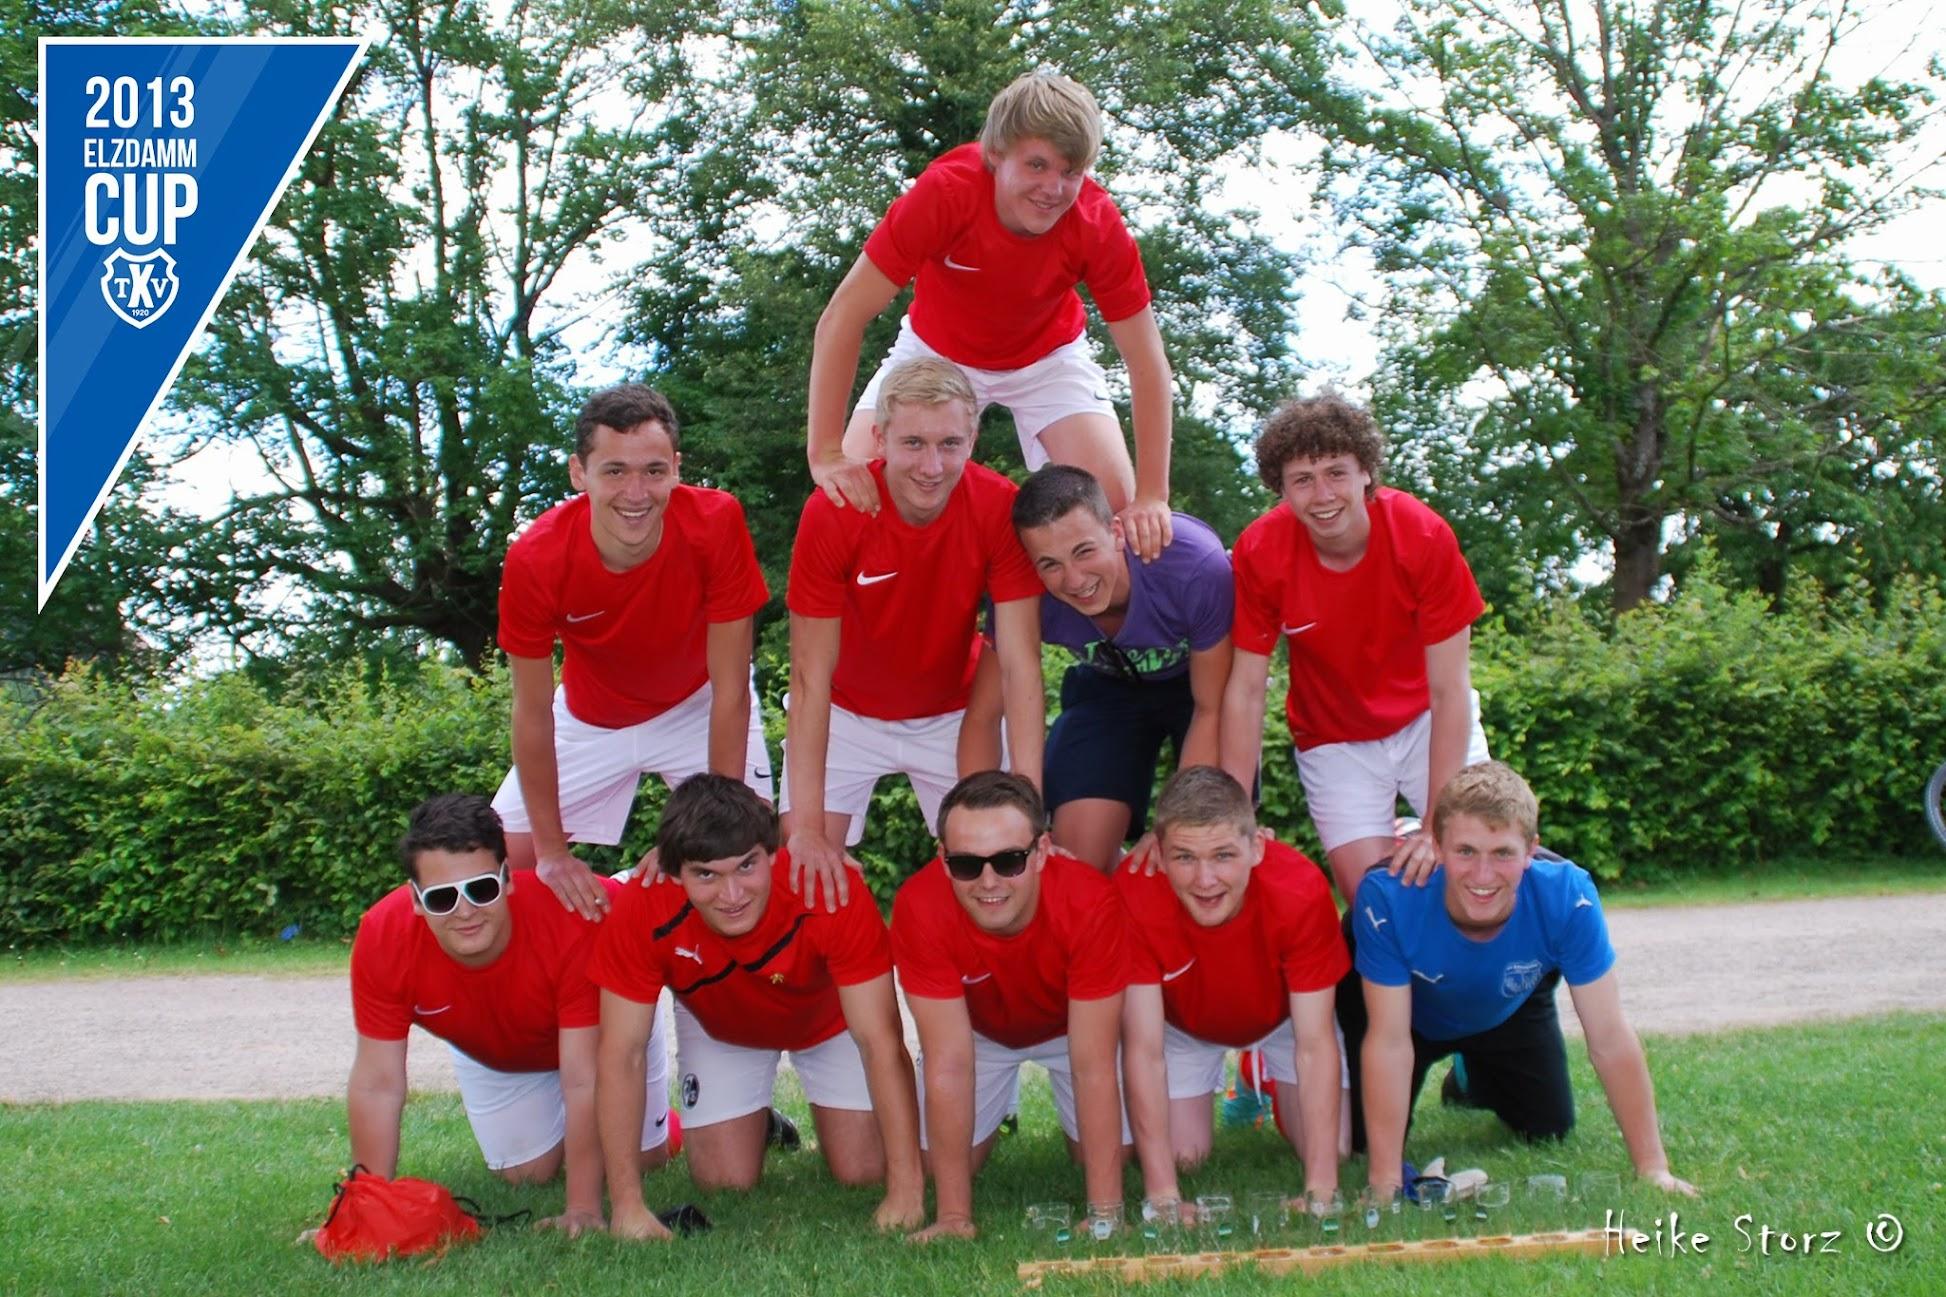 22.06.13 Gruppenfoto des ersten ELZDAMM CUP des TVK